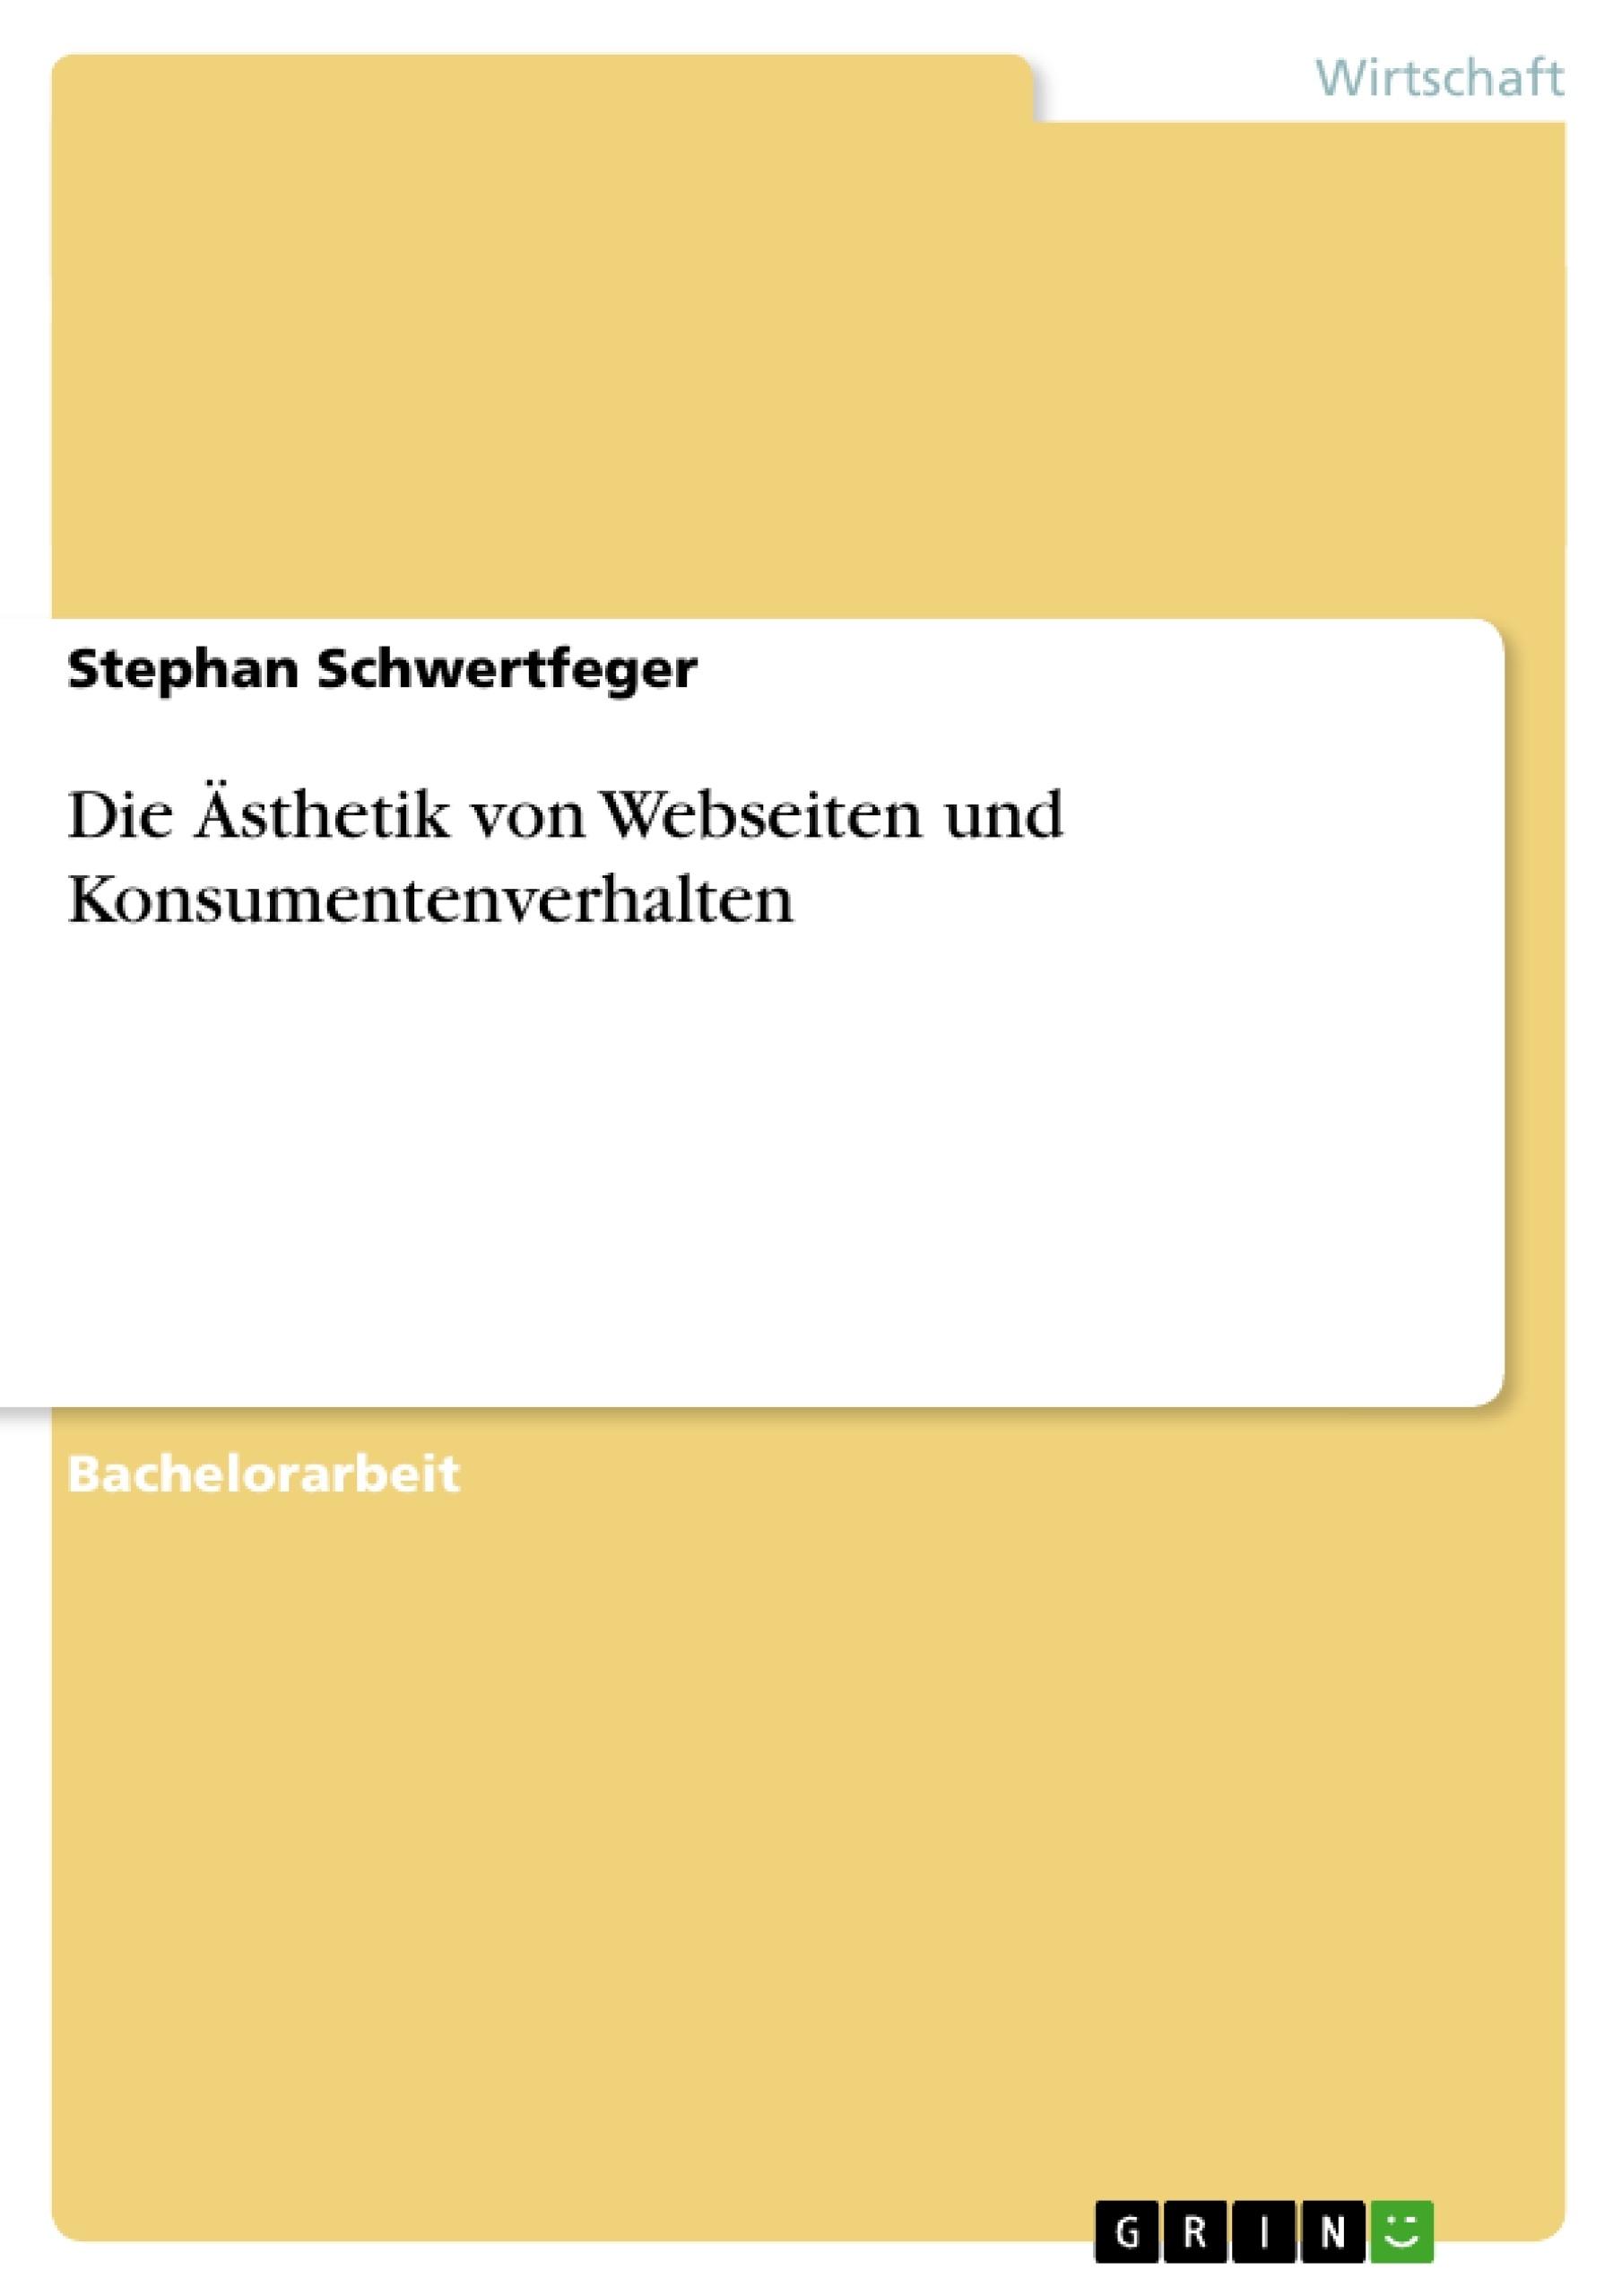 Titel: Die Ästhetik von Webseiten und Konsumentenverhalten